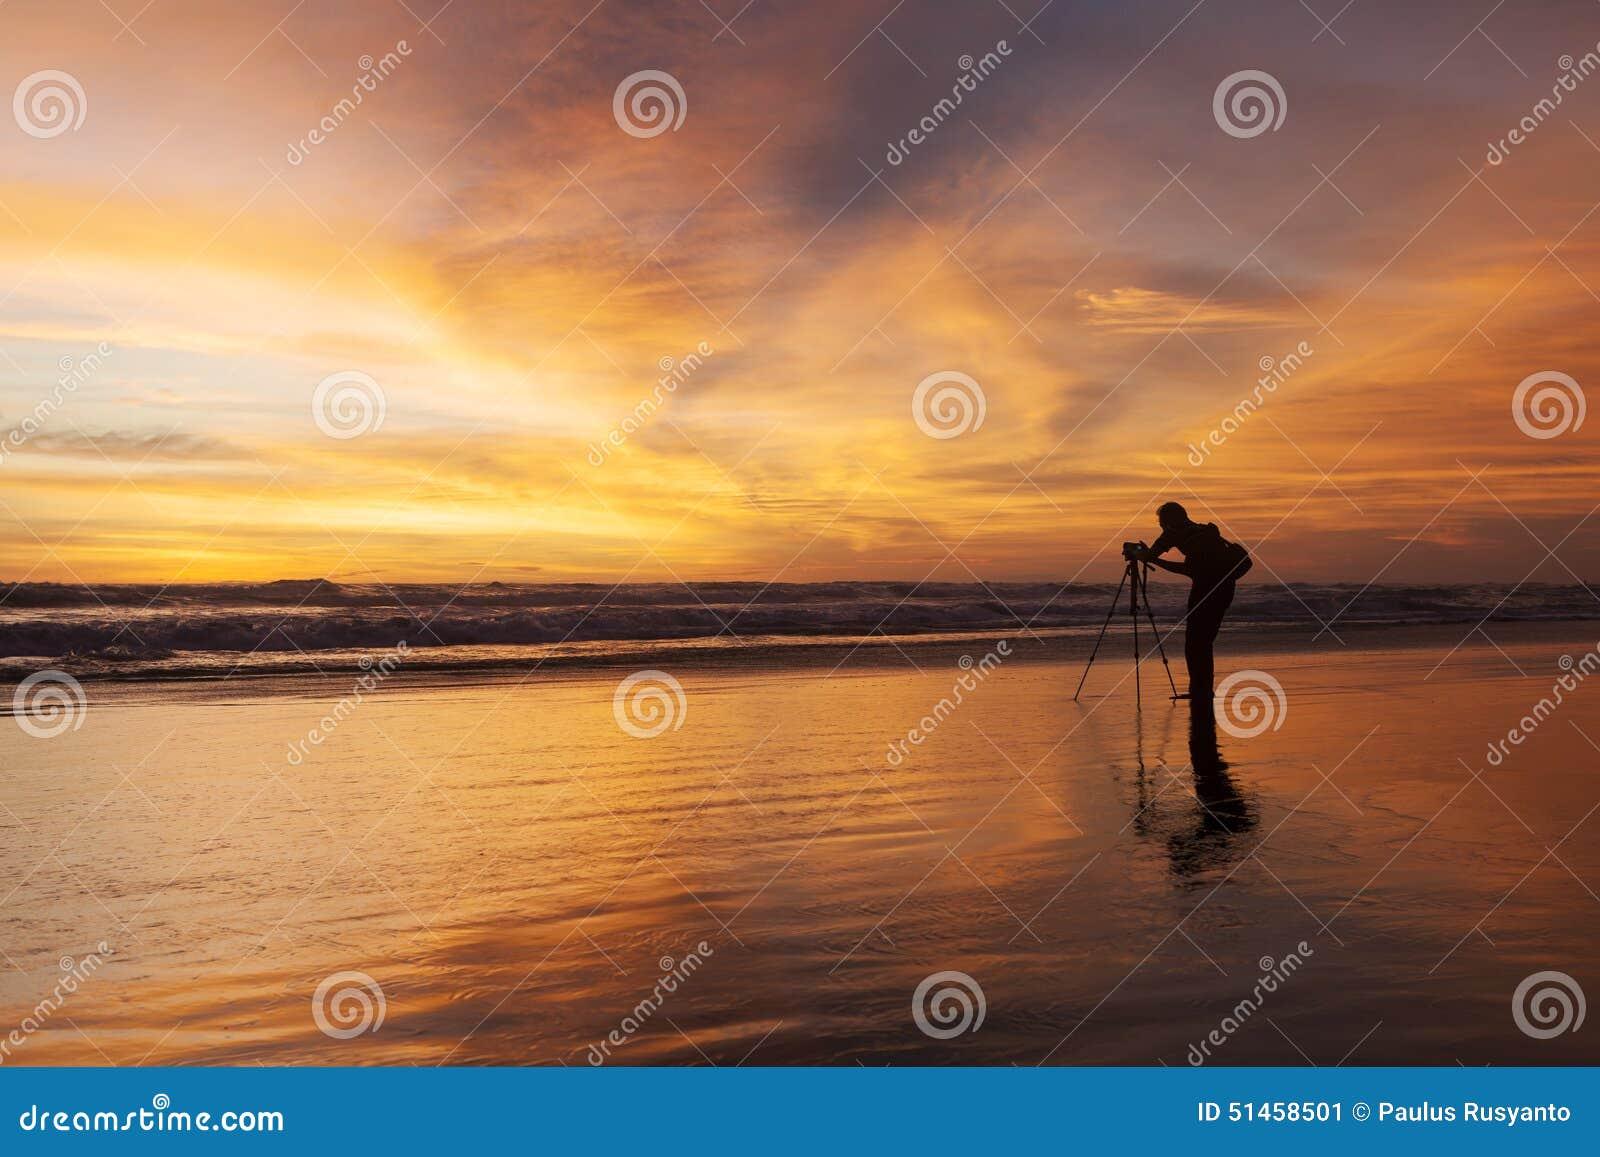 Silhouet van fotograaf op het strand